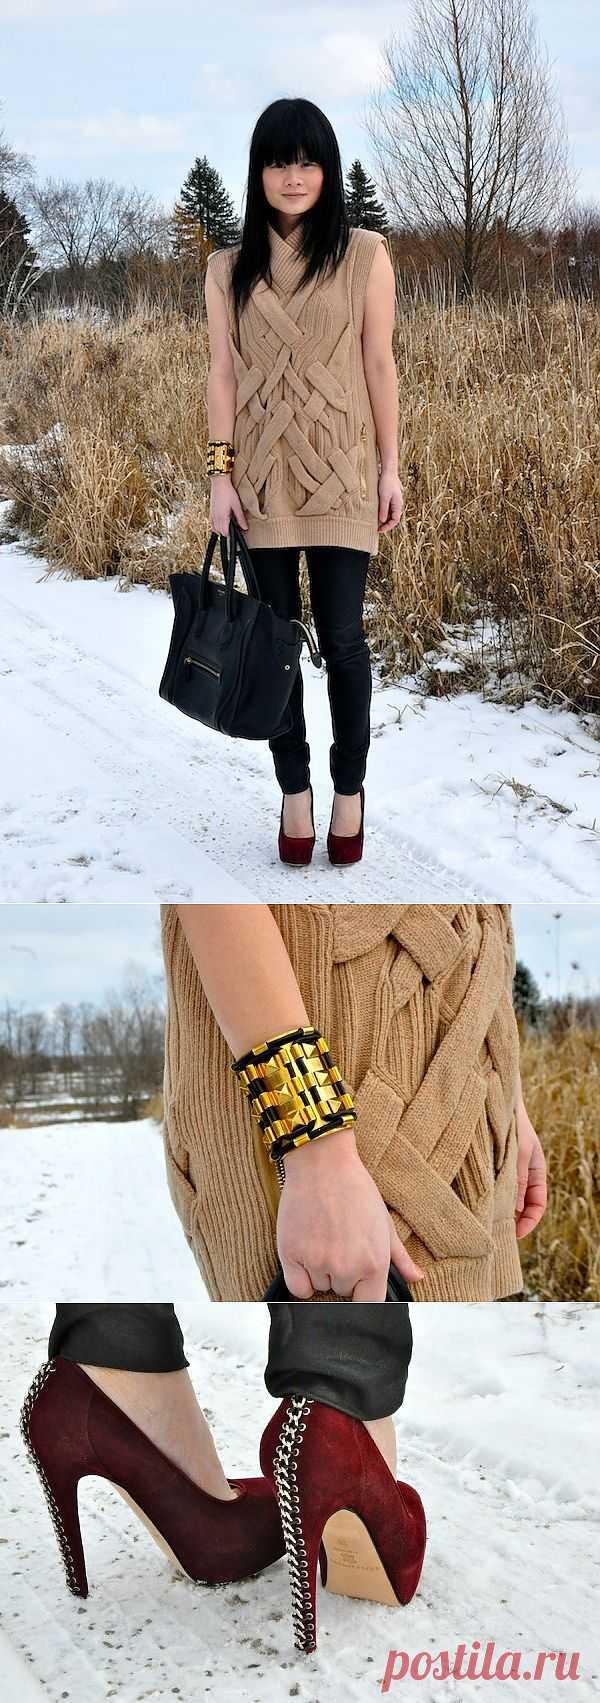 Интересный свитер / Вязание / Модный сайт о стильной переделке одежды и интерьера